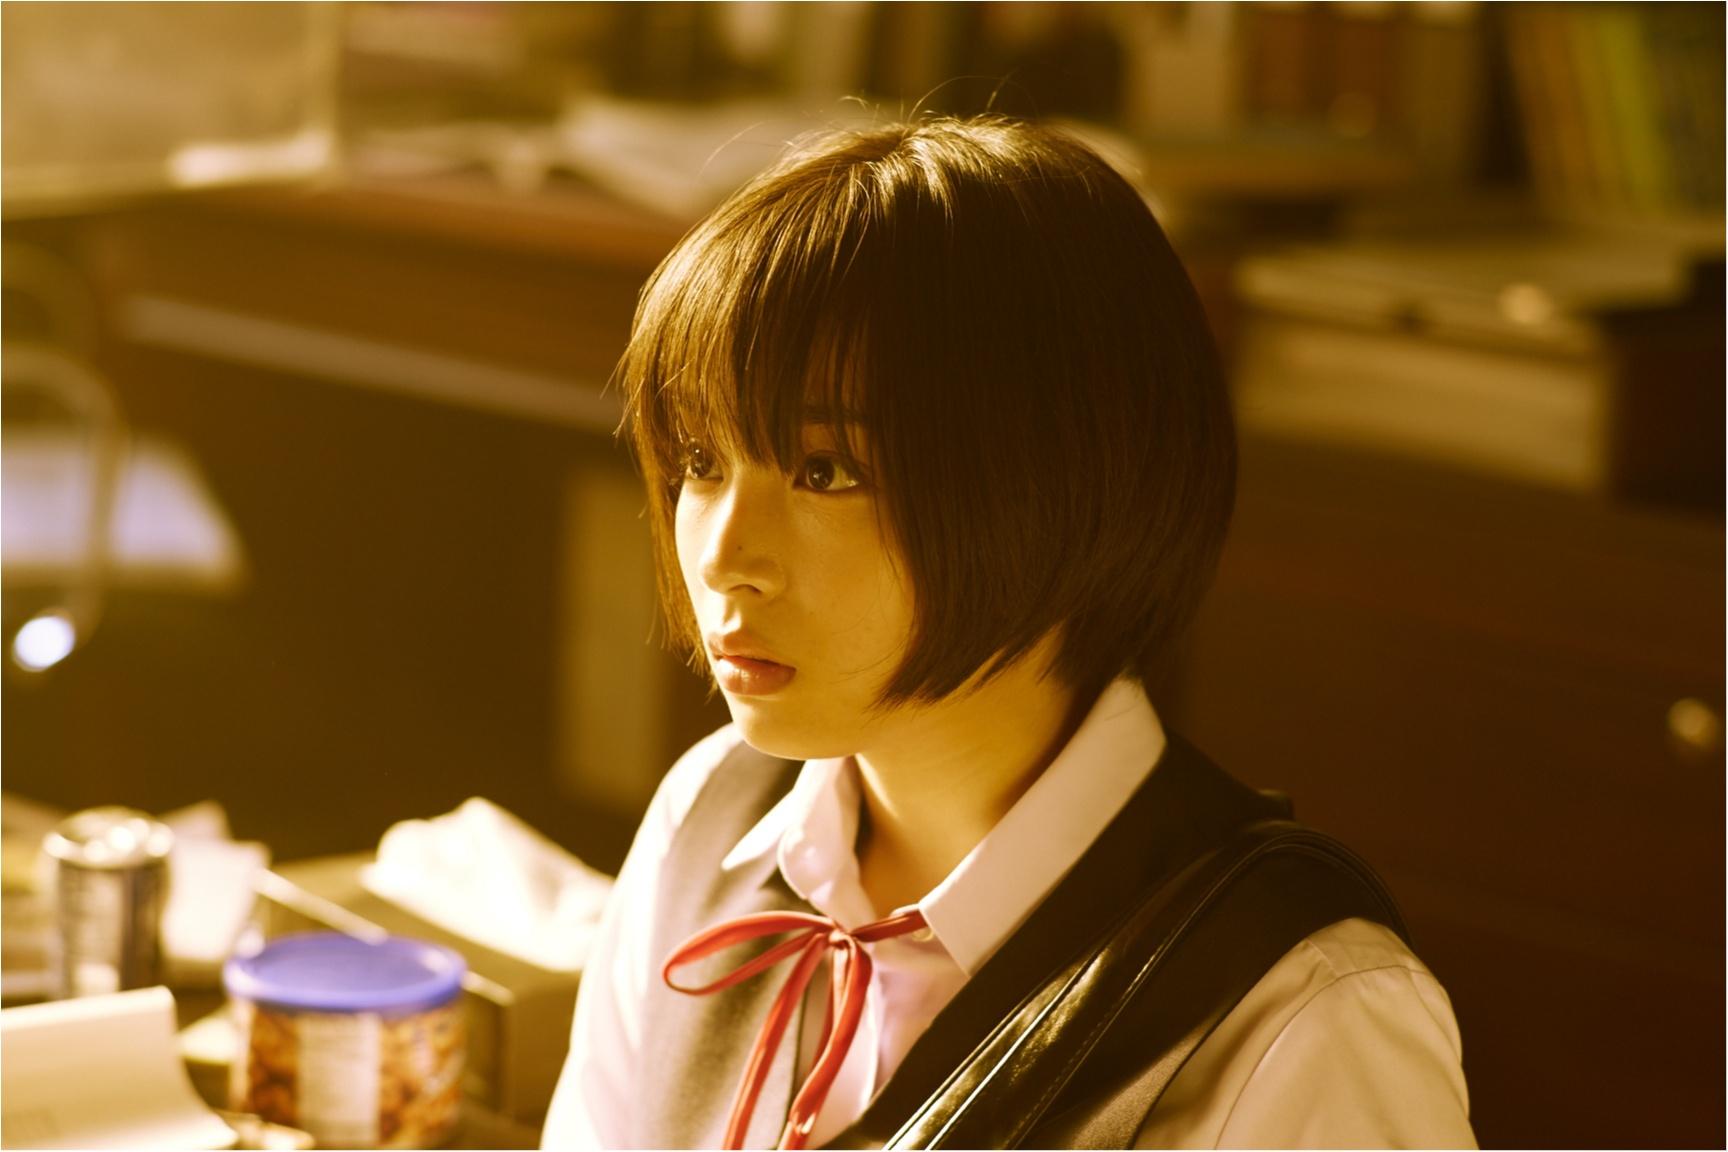 【6回泣いた!】 ガチのマンガ『先生!』ファンが映画『先生! 、、、好きになってもいいですか?』を観てみた♡【ハンカチ必須!】_3_2